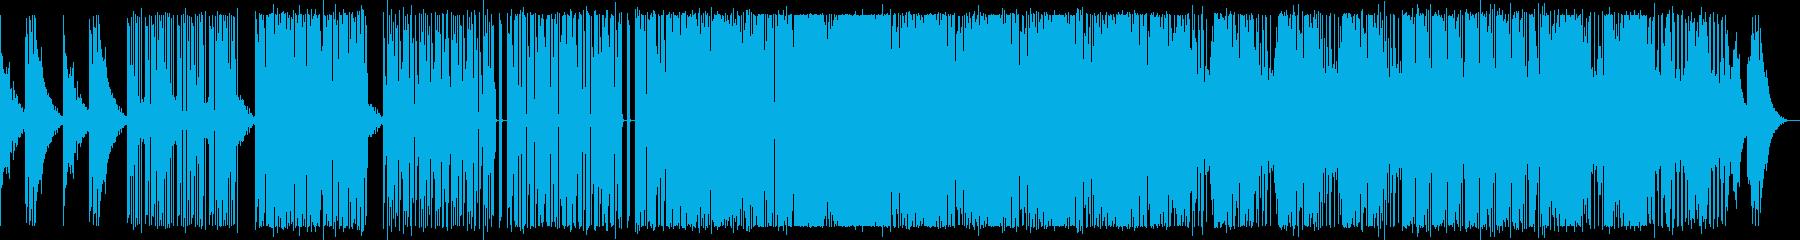 怪しい雰囲気のダブステップの再生済みの波形